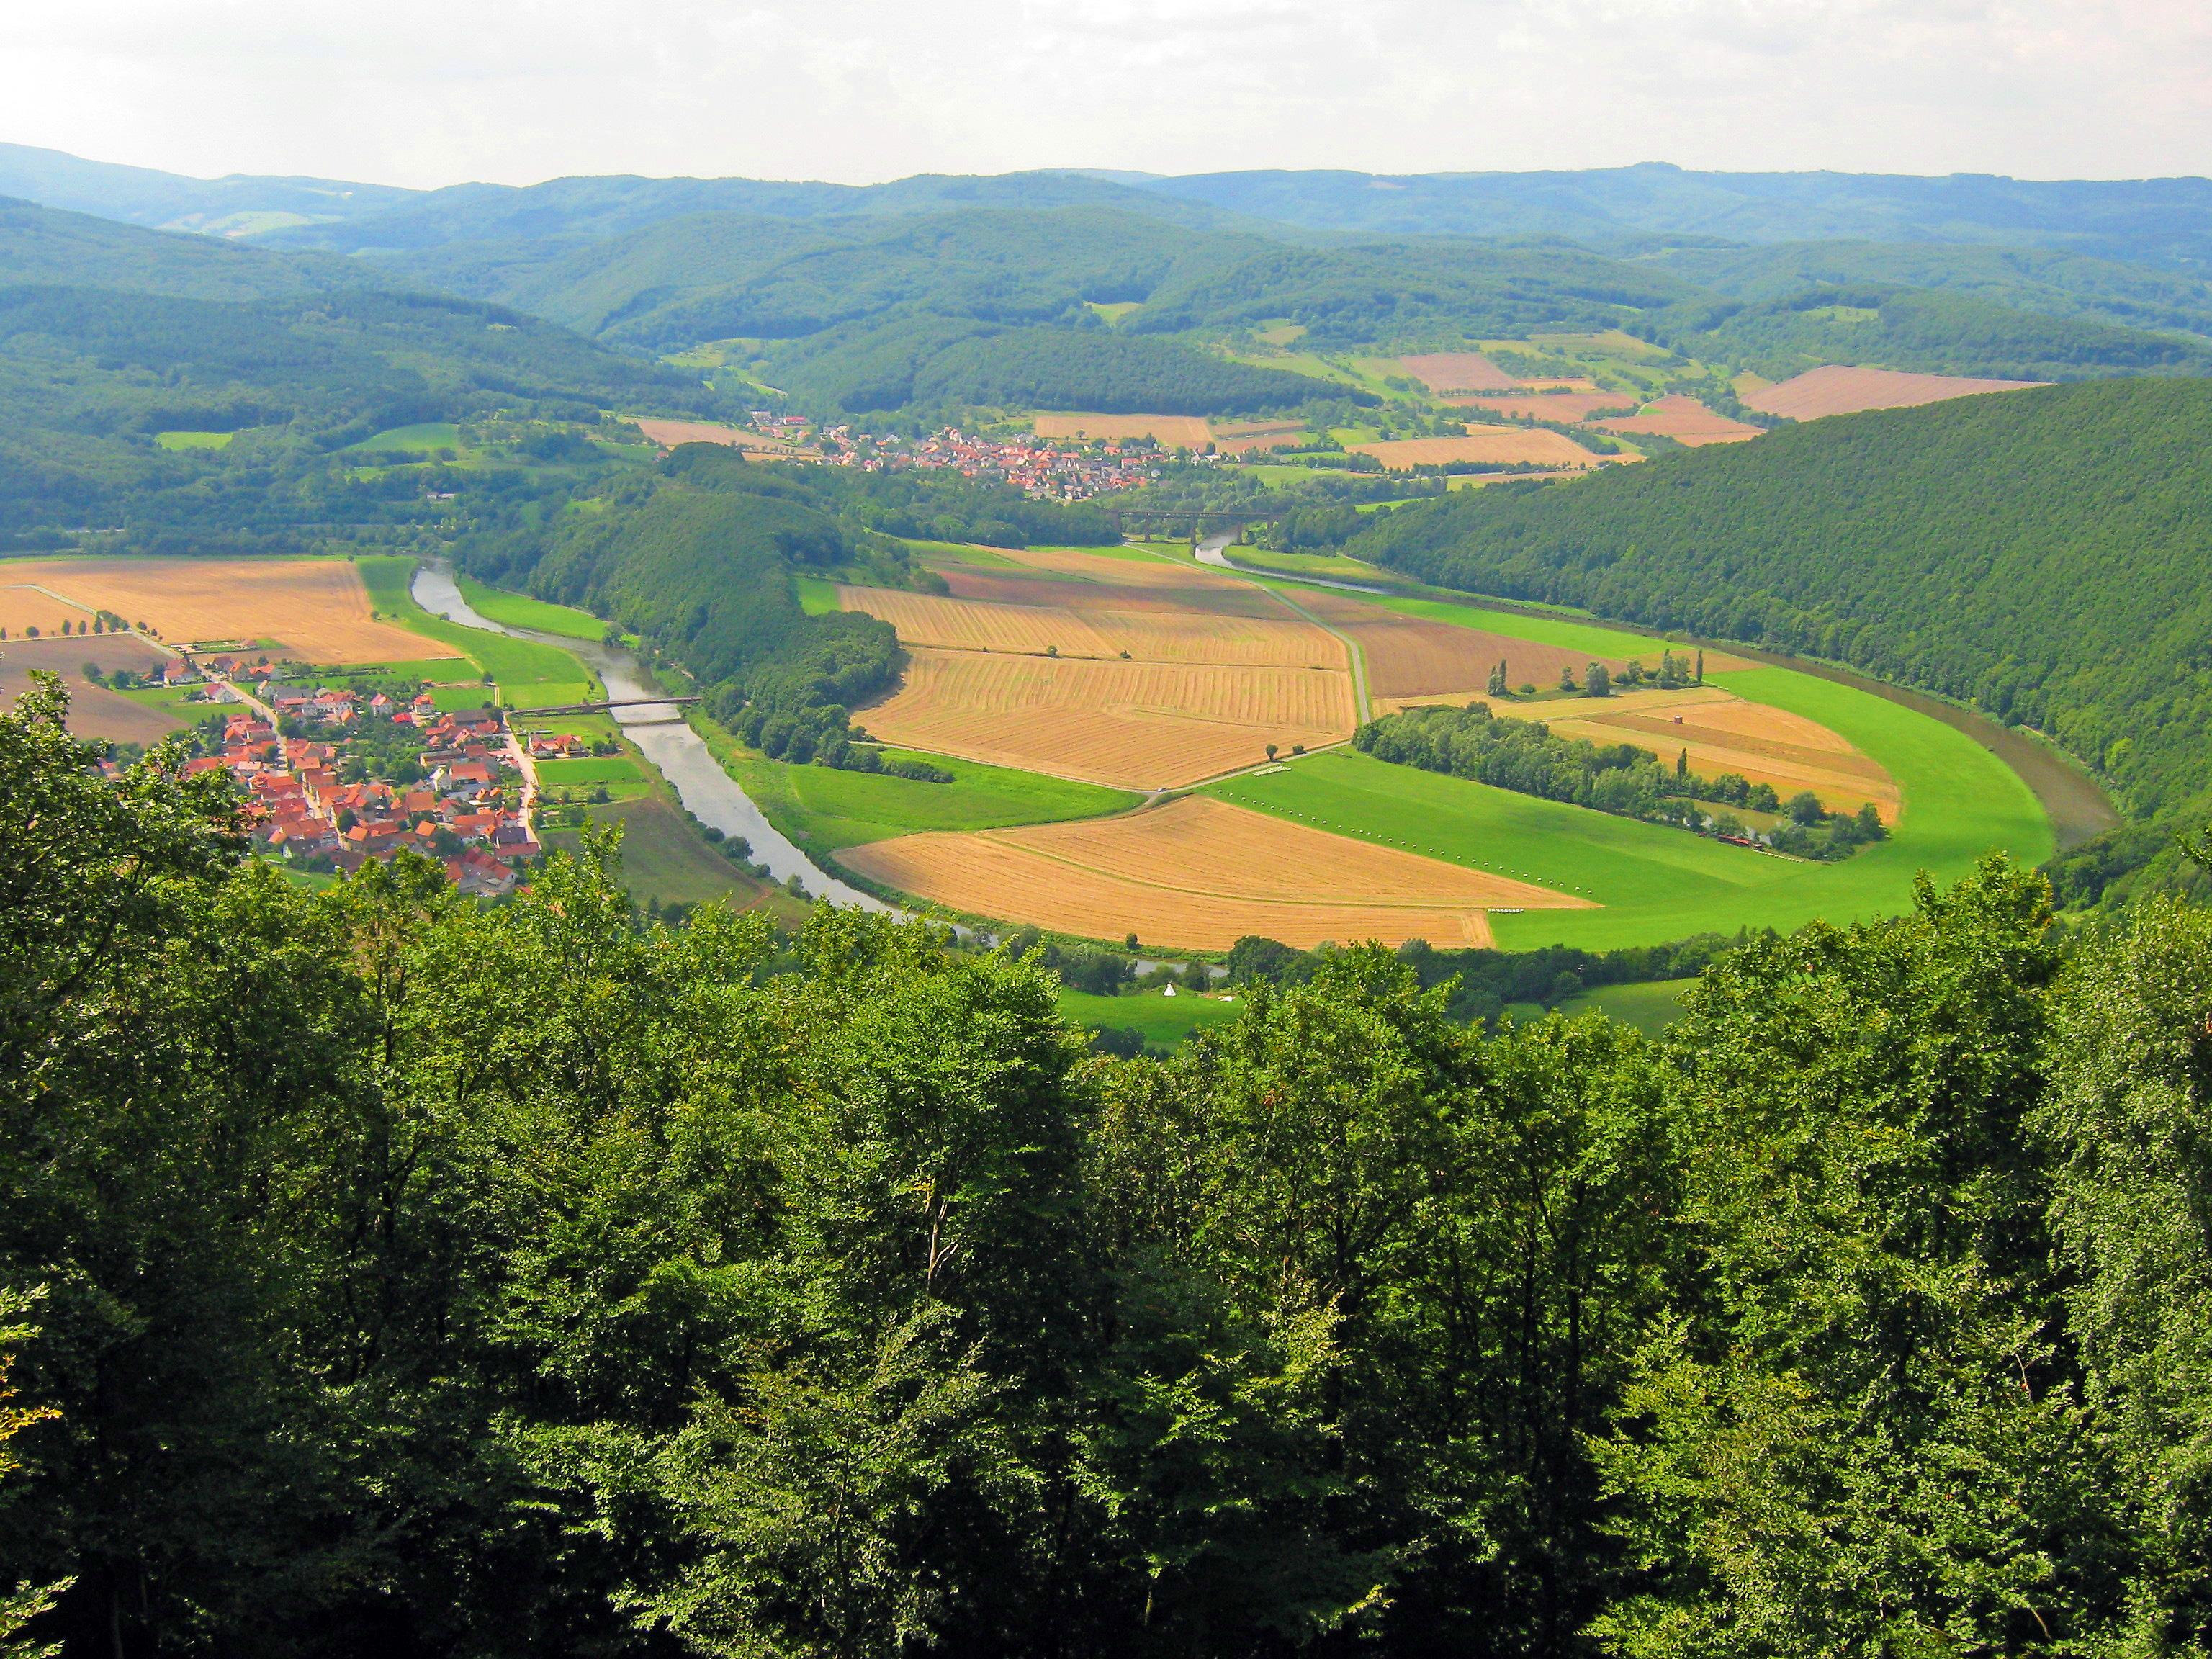 Blick auf die Werraschleife von der Teufelskanzel aus. Links das Stockmacherdorf Lindwerra (Thüringen) und mittig im Hintergrund Oberrieden (Hessen)  @ HVE Eichsfeld